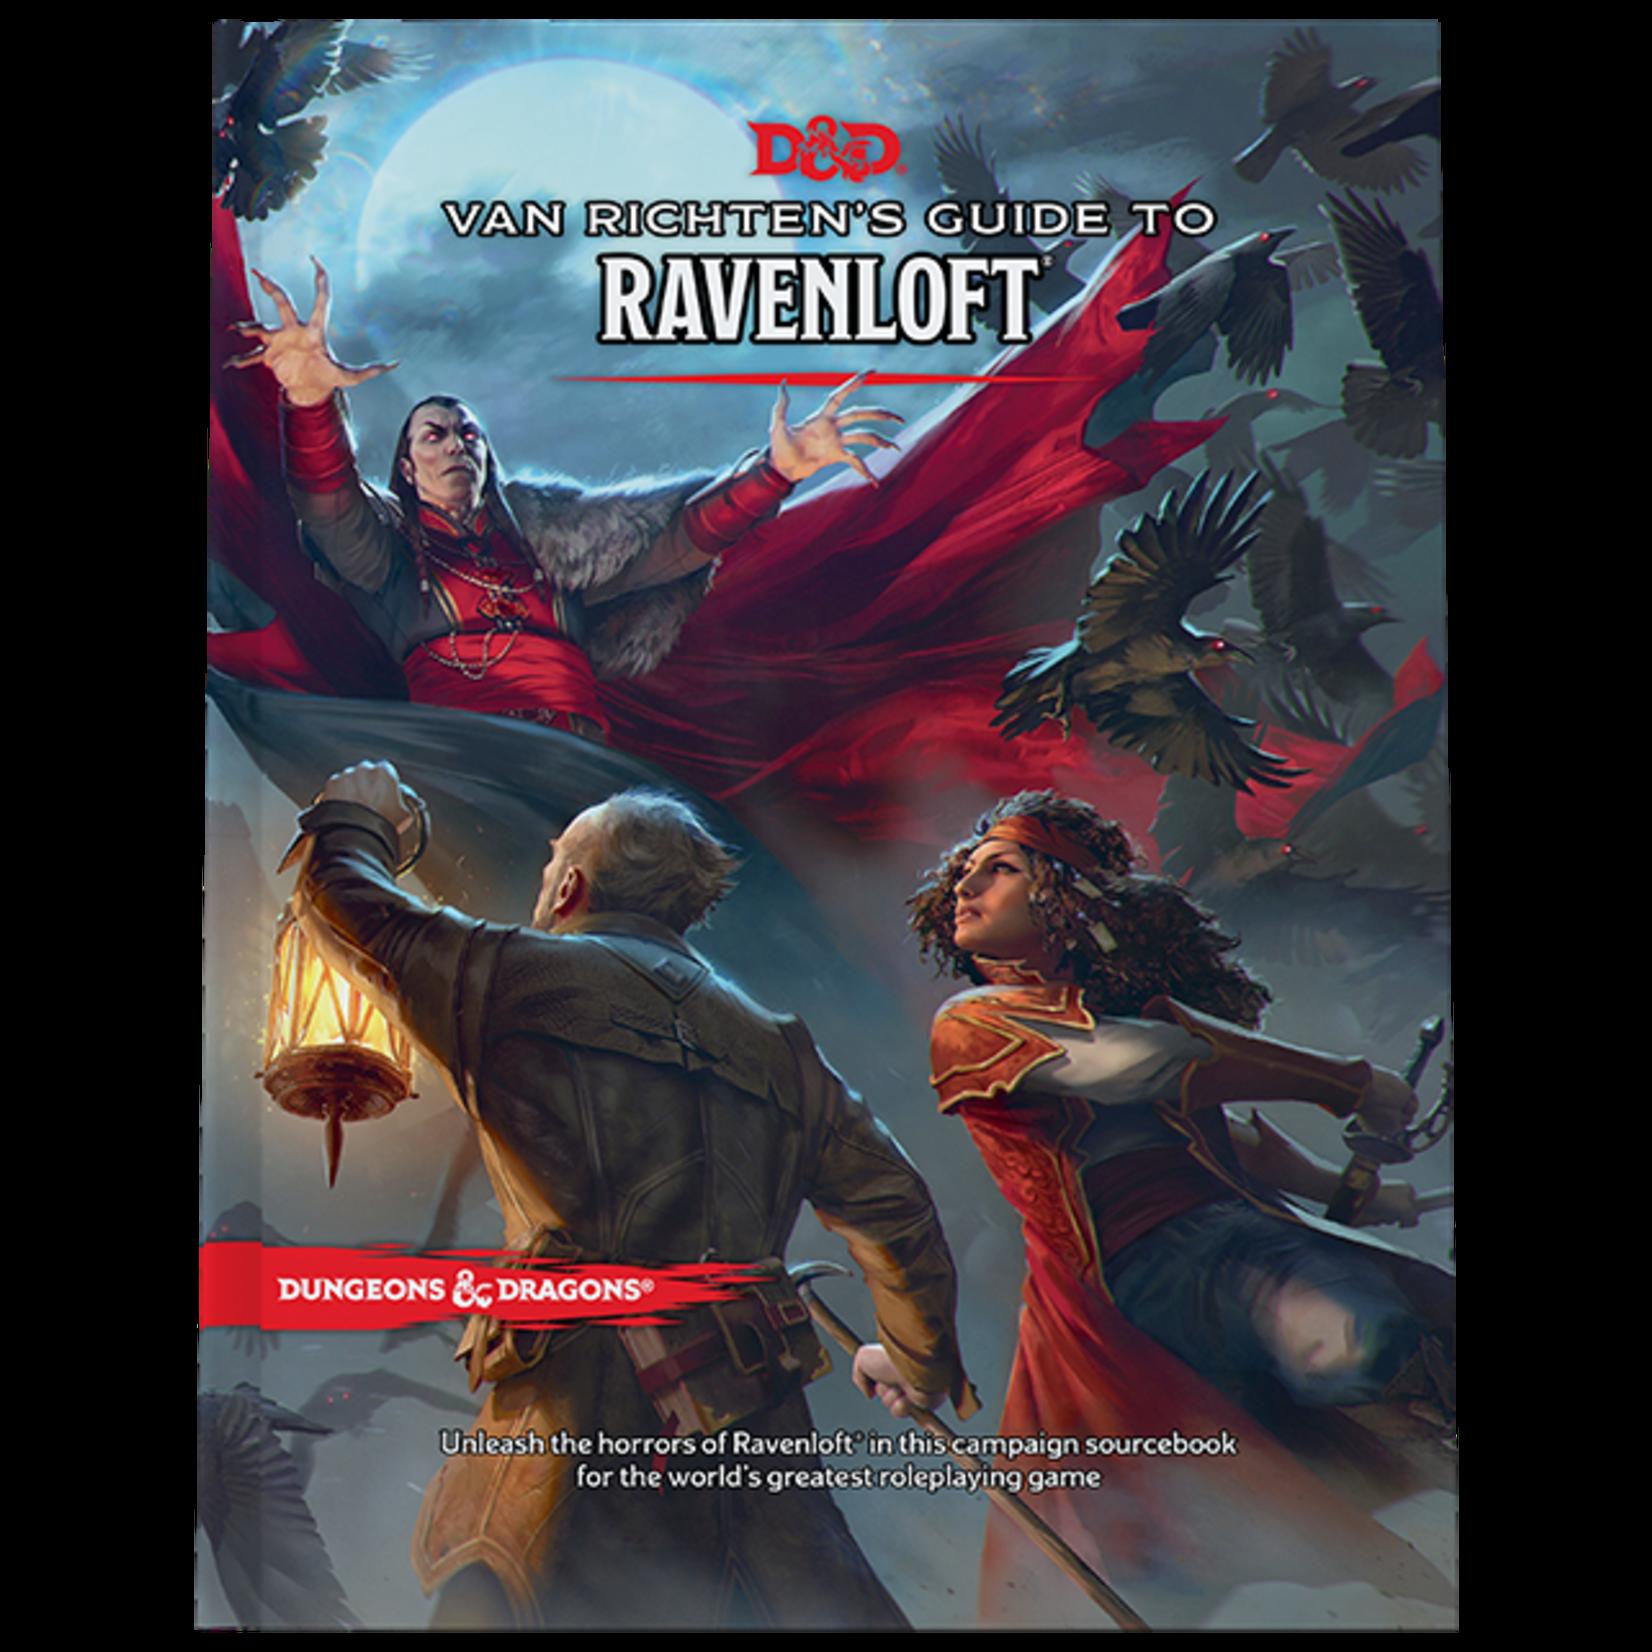 Wizards of the Coast D&D: Van Richten's Guide to Ravenloft